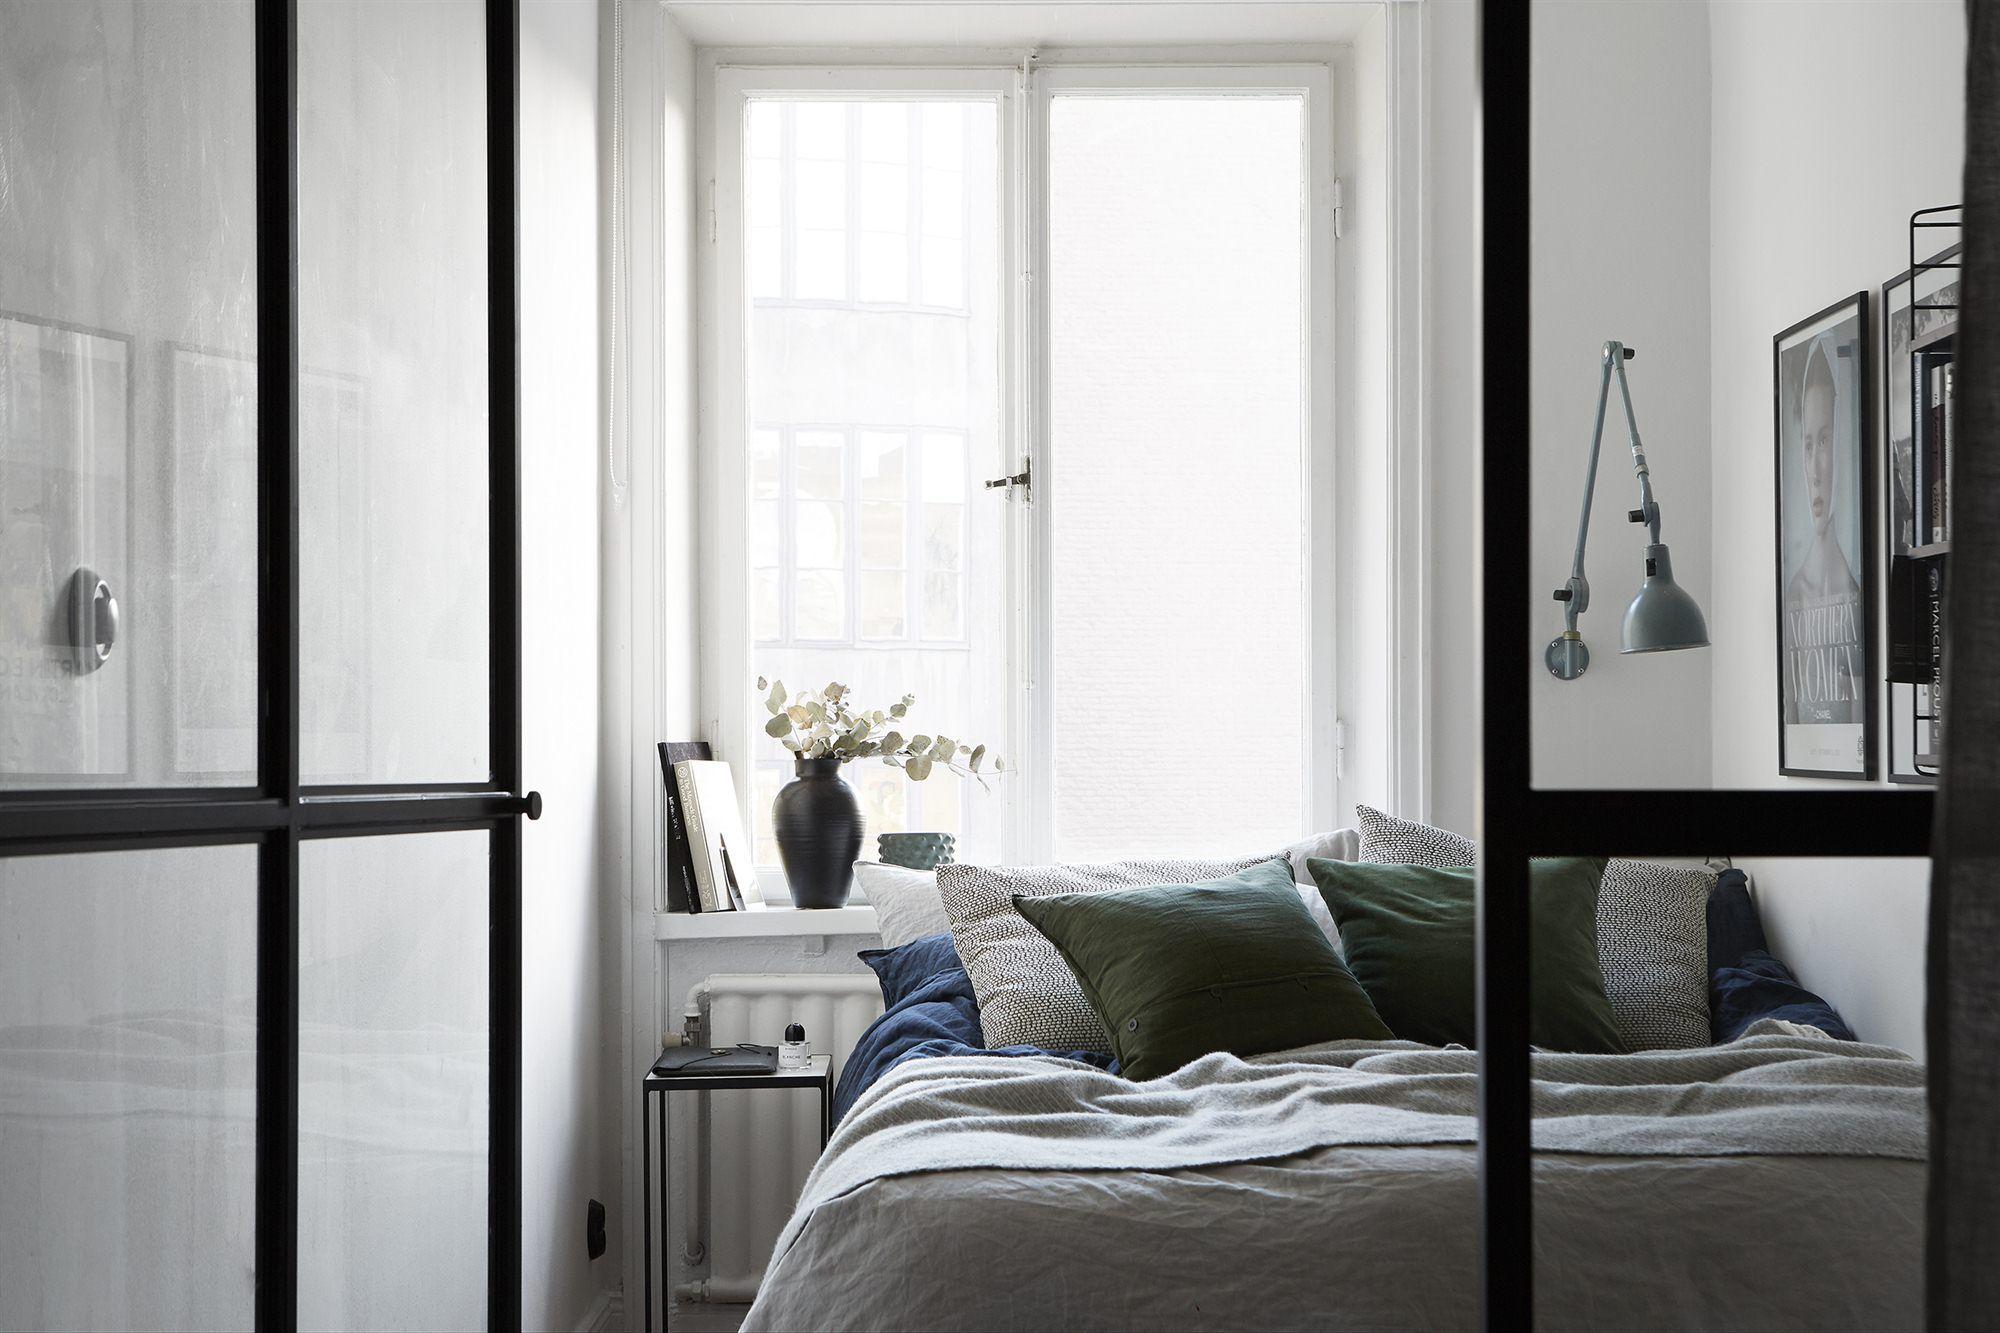 Innenarchitektur wohnzimmer grundrisse bedroom behind a glass partition  interiors  pinterest